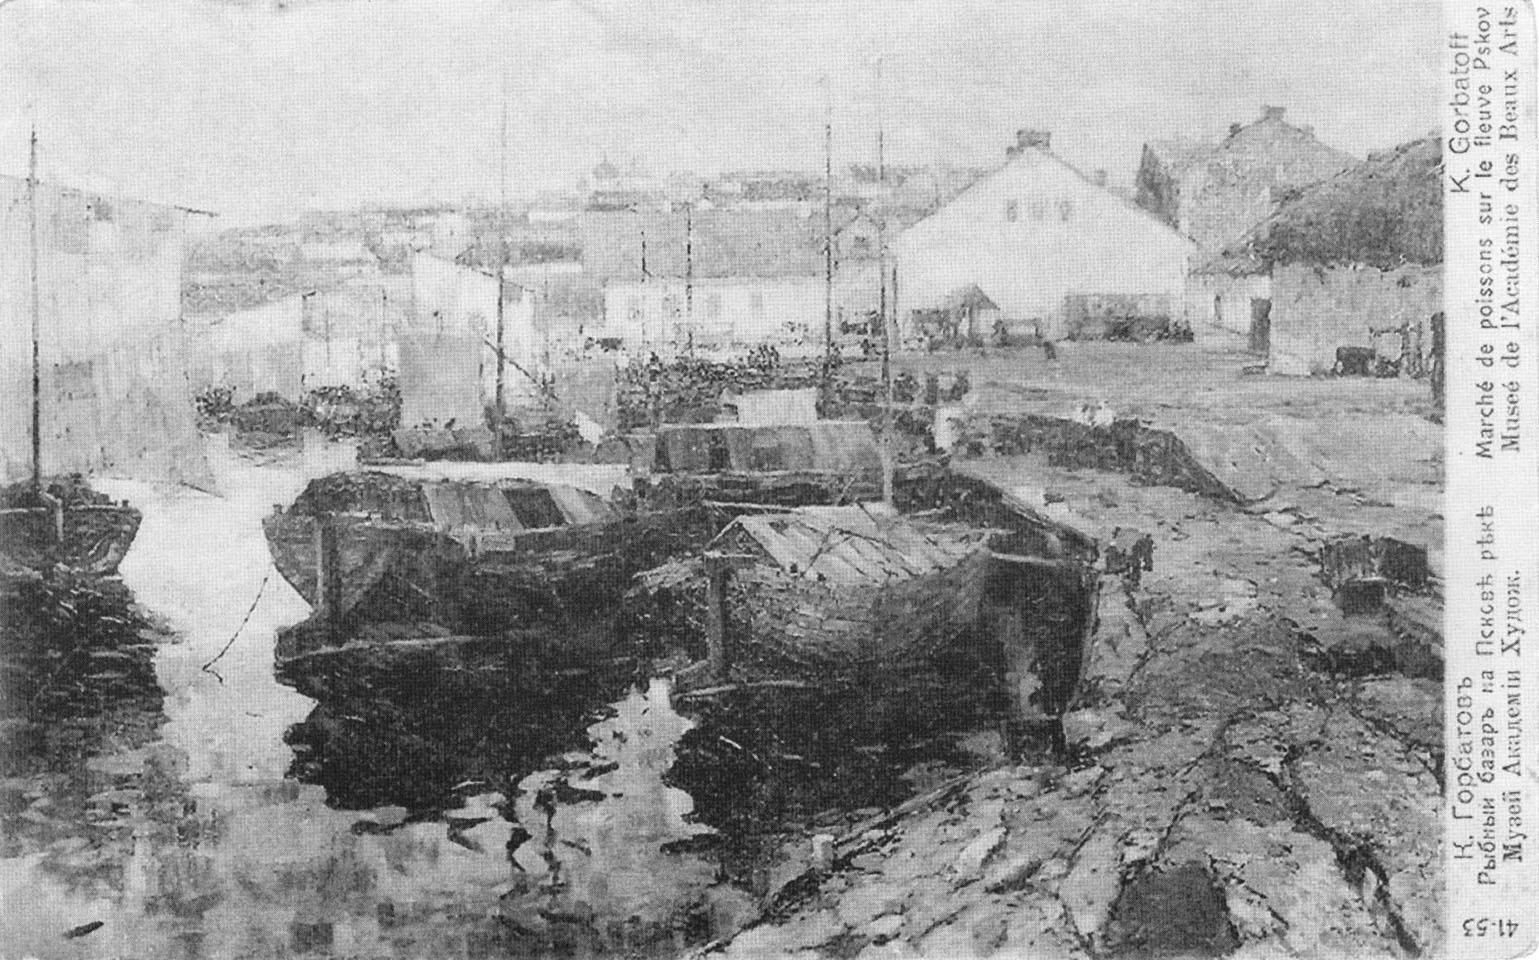 К. Горбатов. Рыбный базар на Пскове реке. Музей Академии художеств.